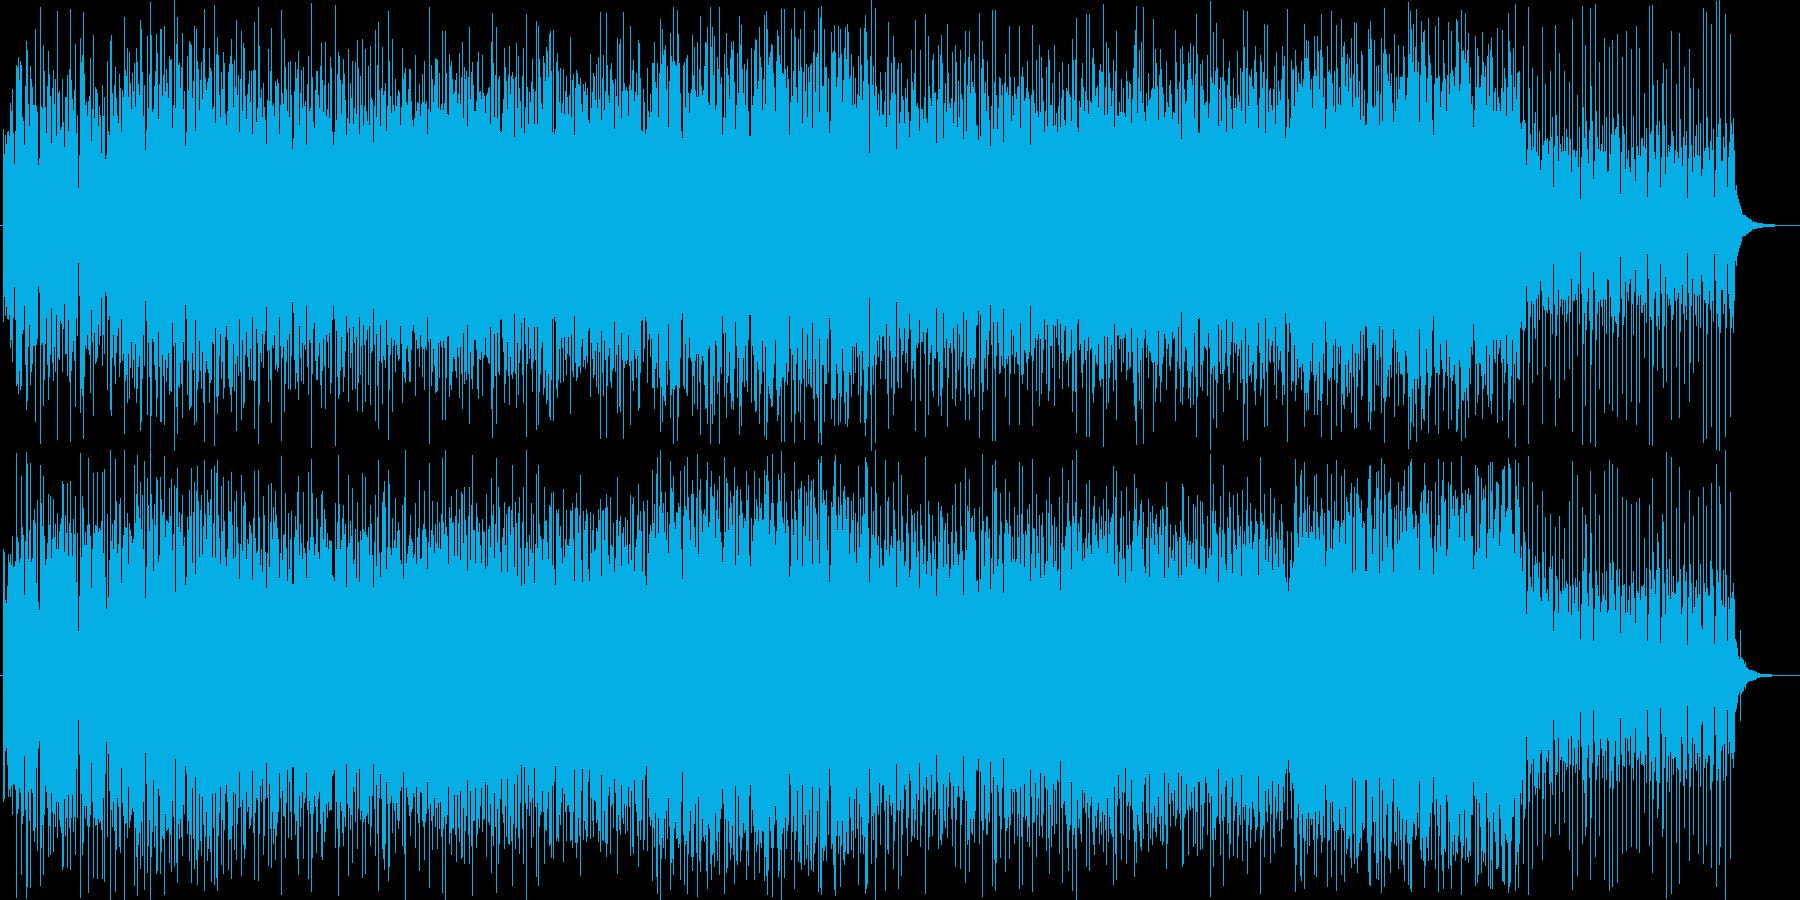 パンフルート美メロ爽やかトロピカルハウスの再生済みの波形